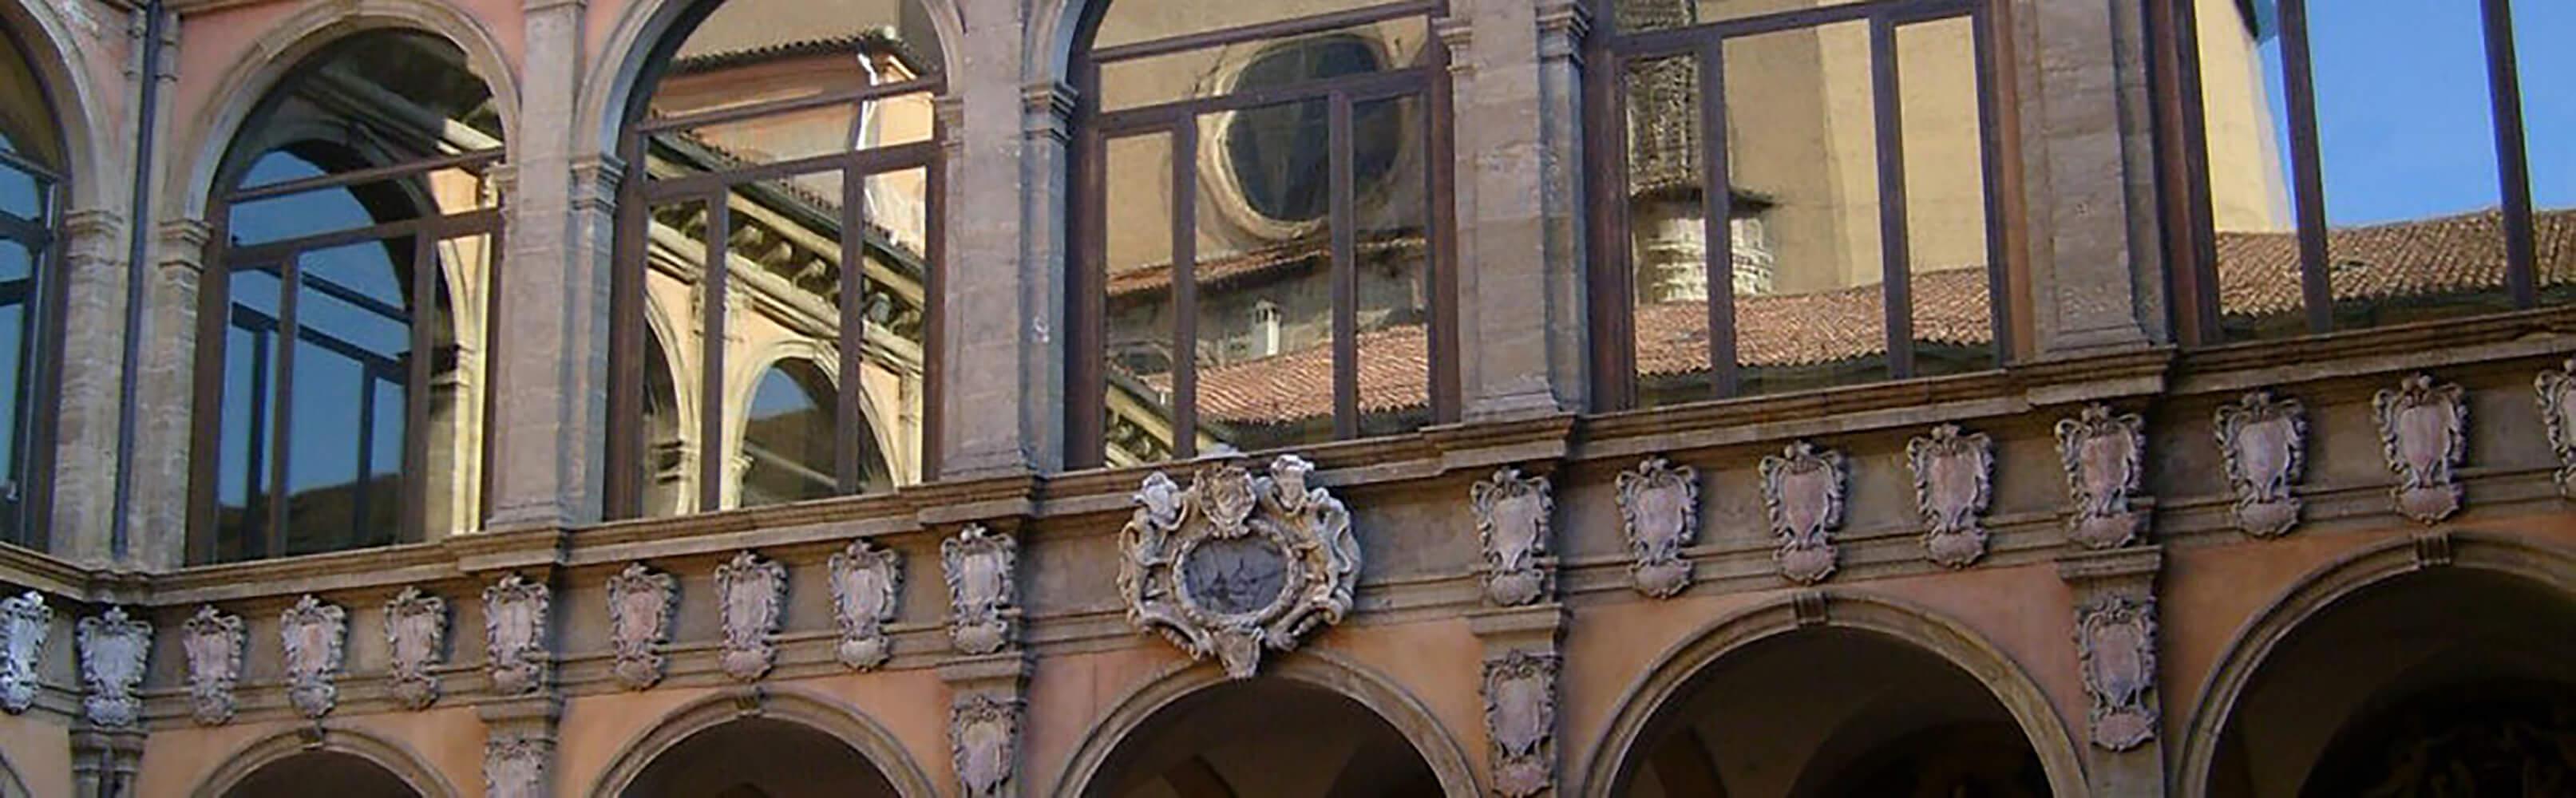 Palazzo dell'Archiginnasio 1